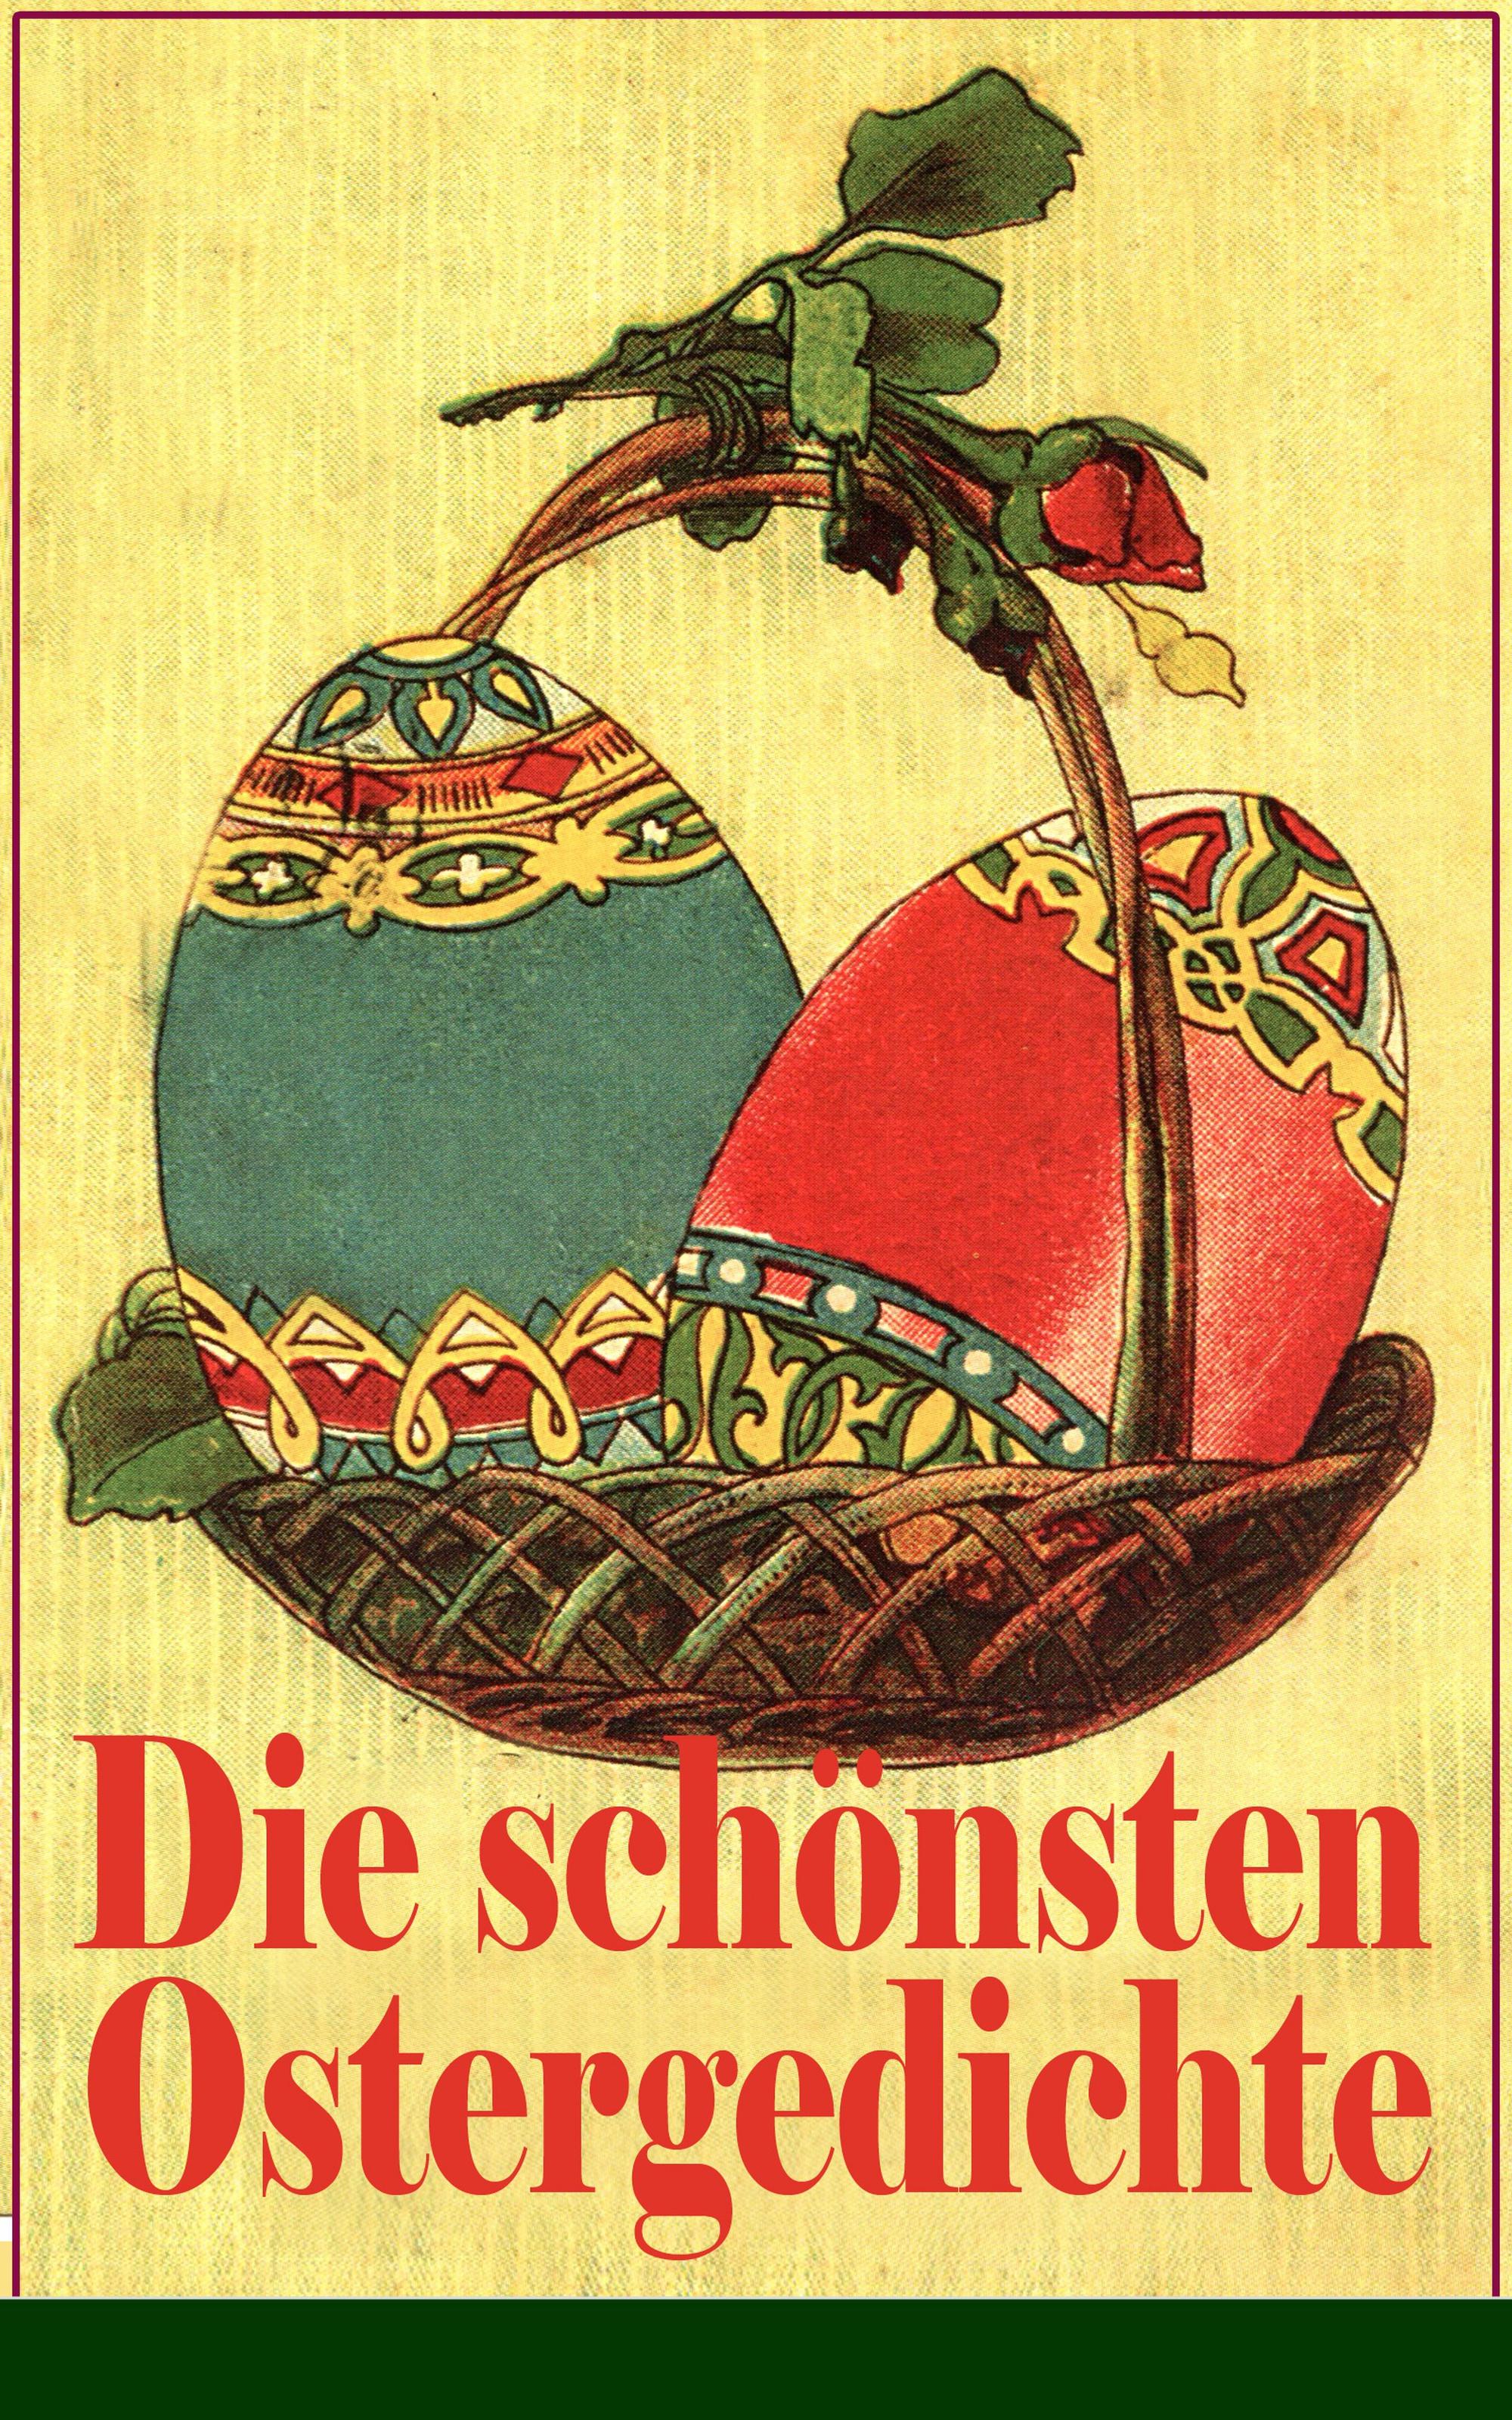 Friedrich Ruckert Die schönsten Ostergedichte gurlt ernst friedrich magazin fur die gesammte thierheilkunde volume 32 german edition